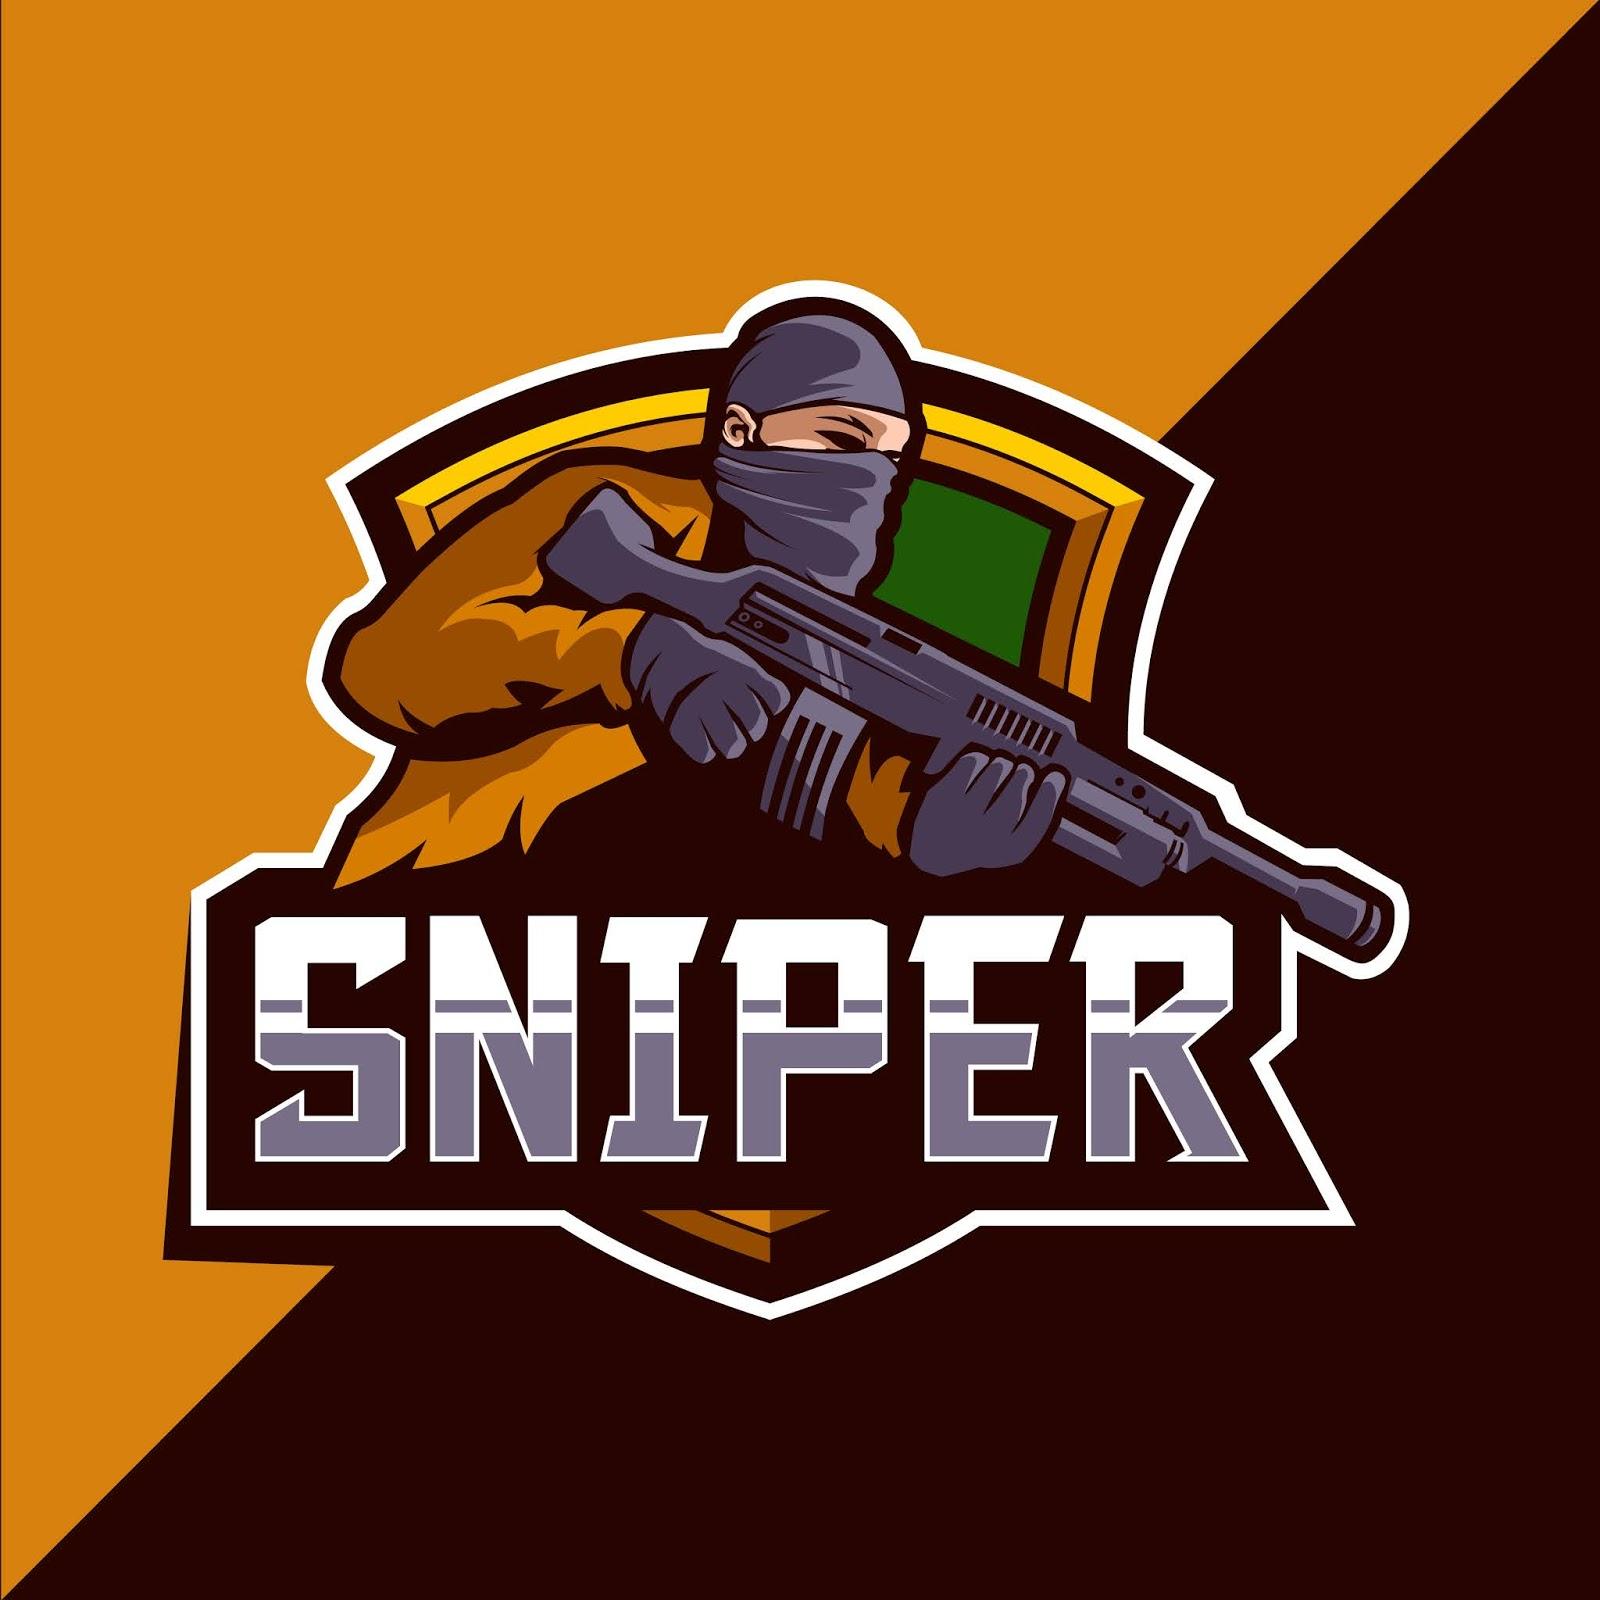 Sniper Esport Mascot Logo Design Free Download Vector CDR, AI, EPS and PNG Formats